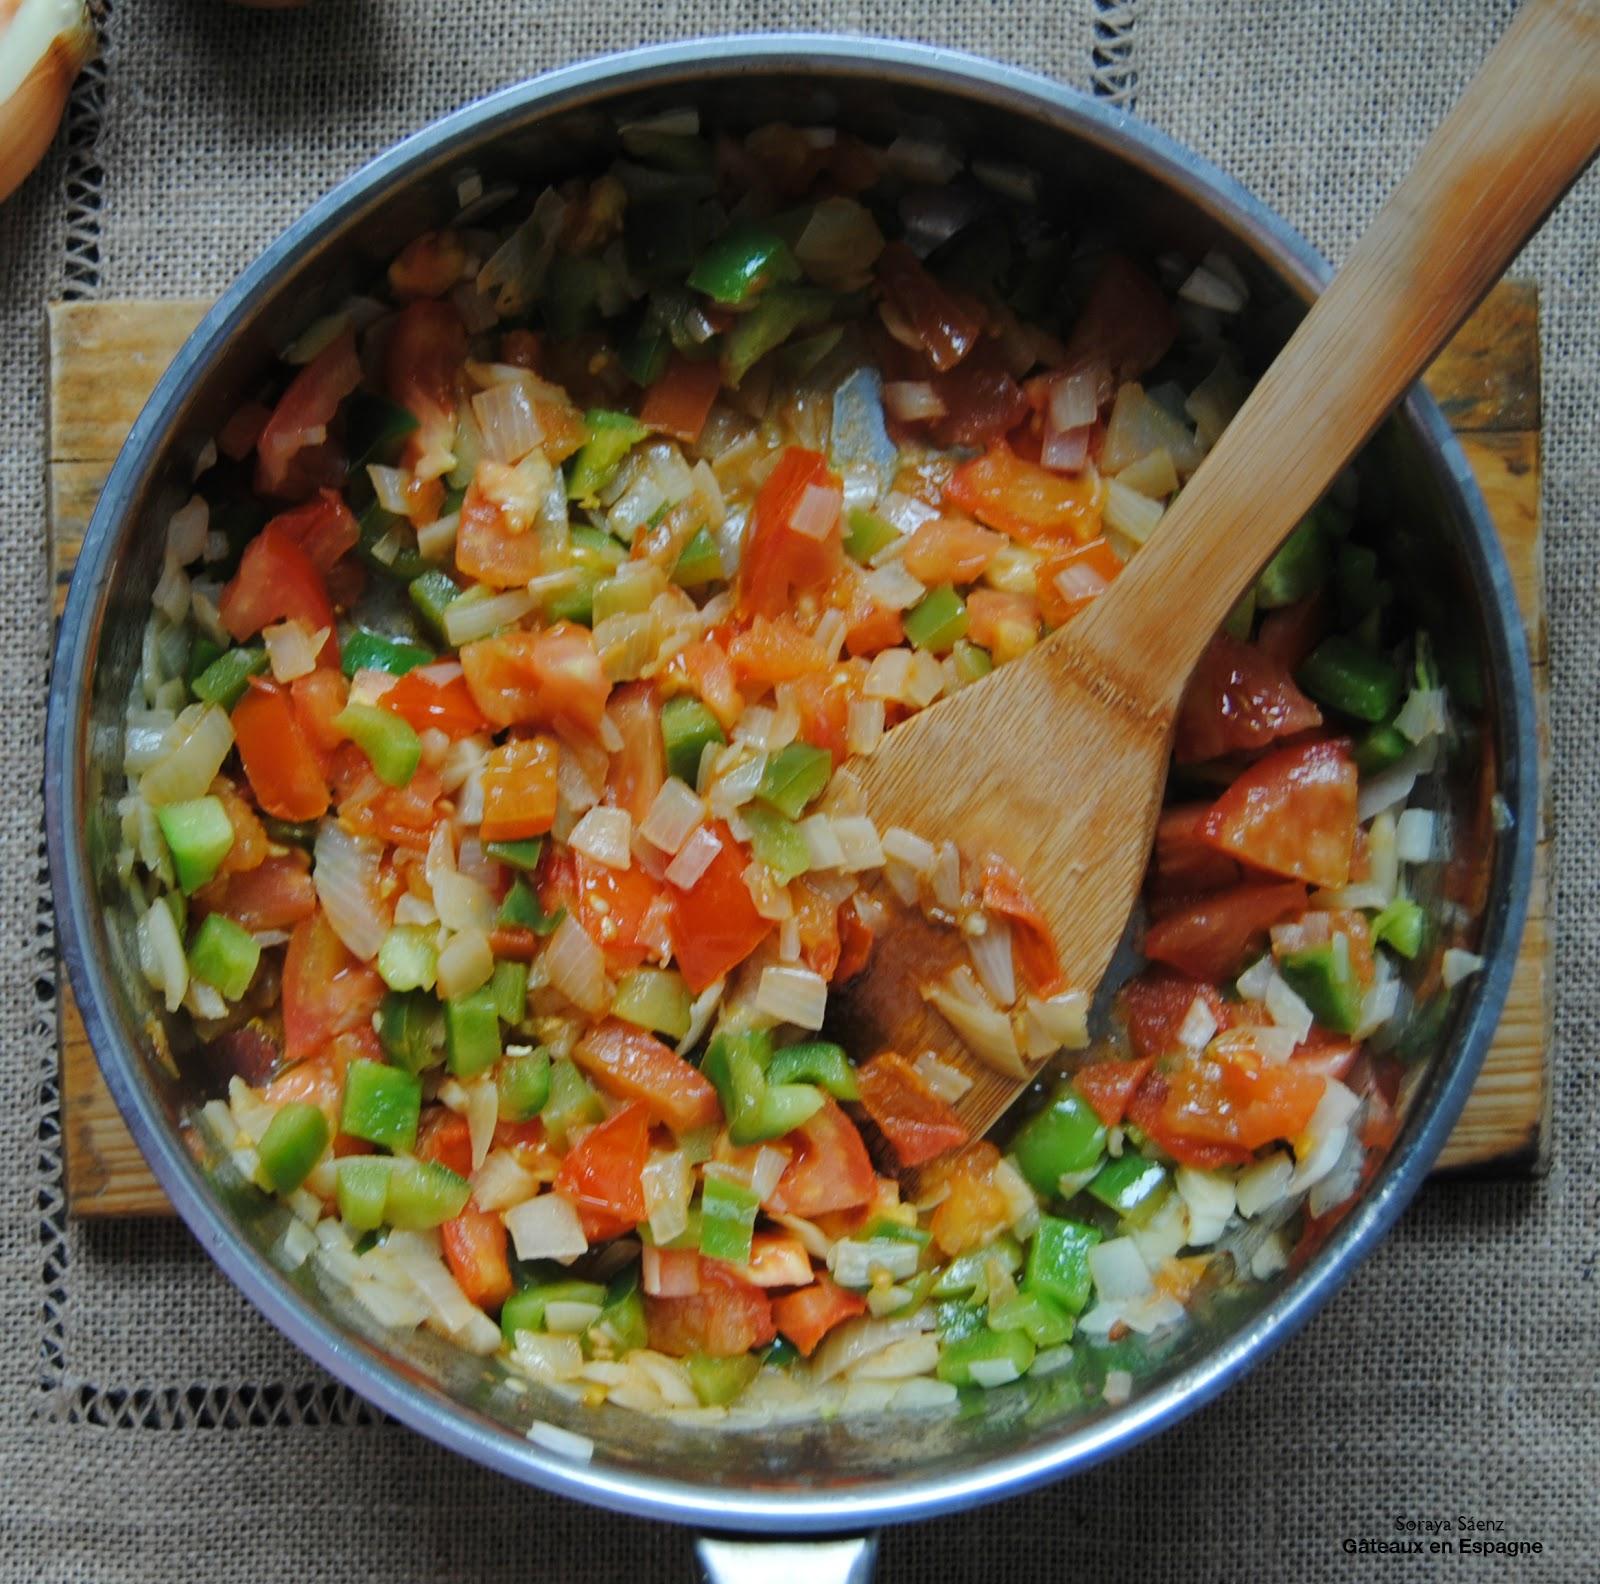 G teaux en espagne recette de lasagne l 39 aubergine et la viande - Aubergine a la poele ...